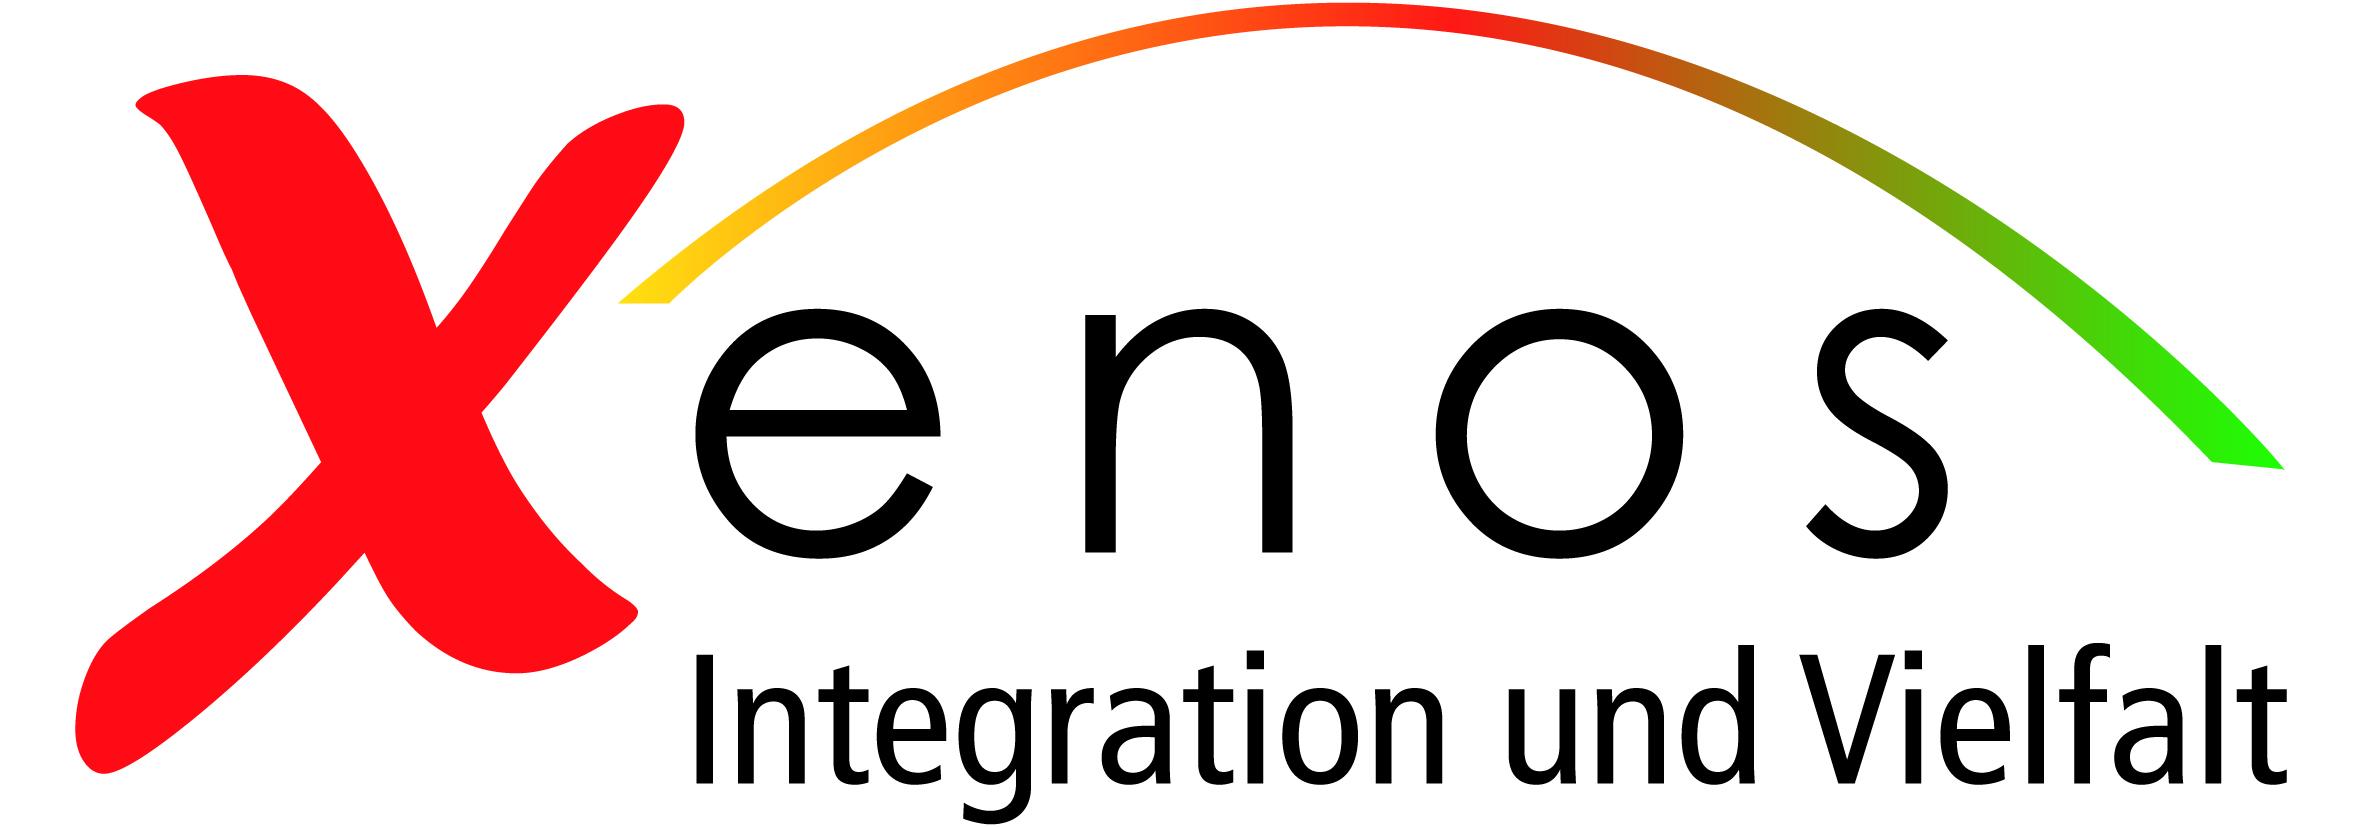 Logo Xenos